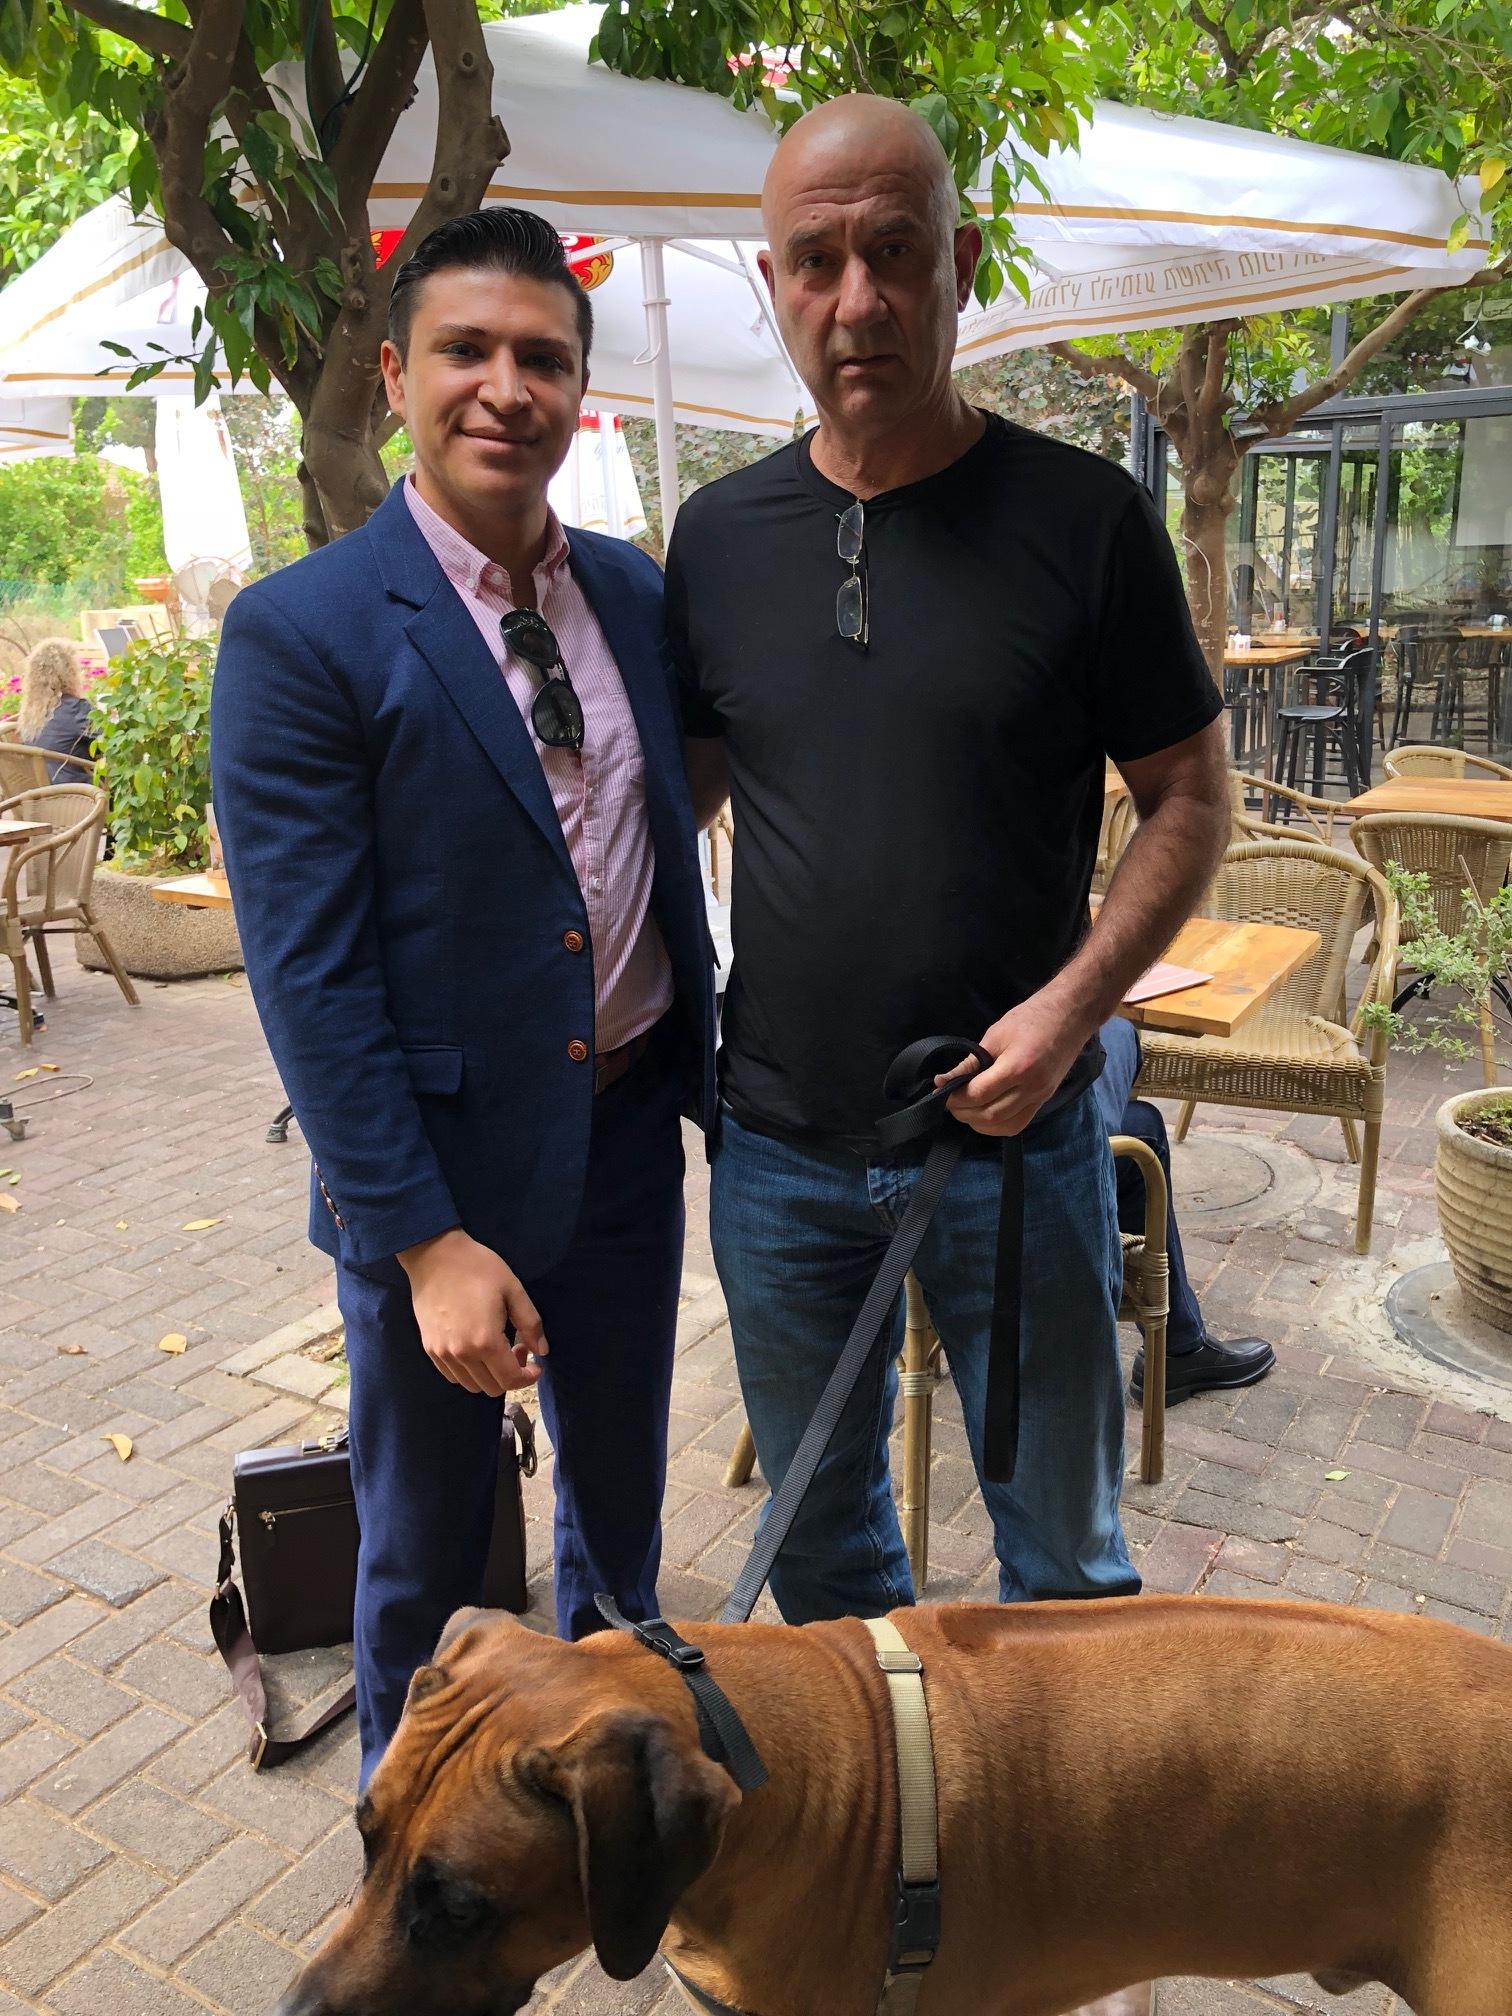 Avi Menkes, CEO of PetPace